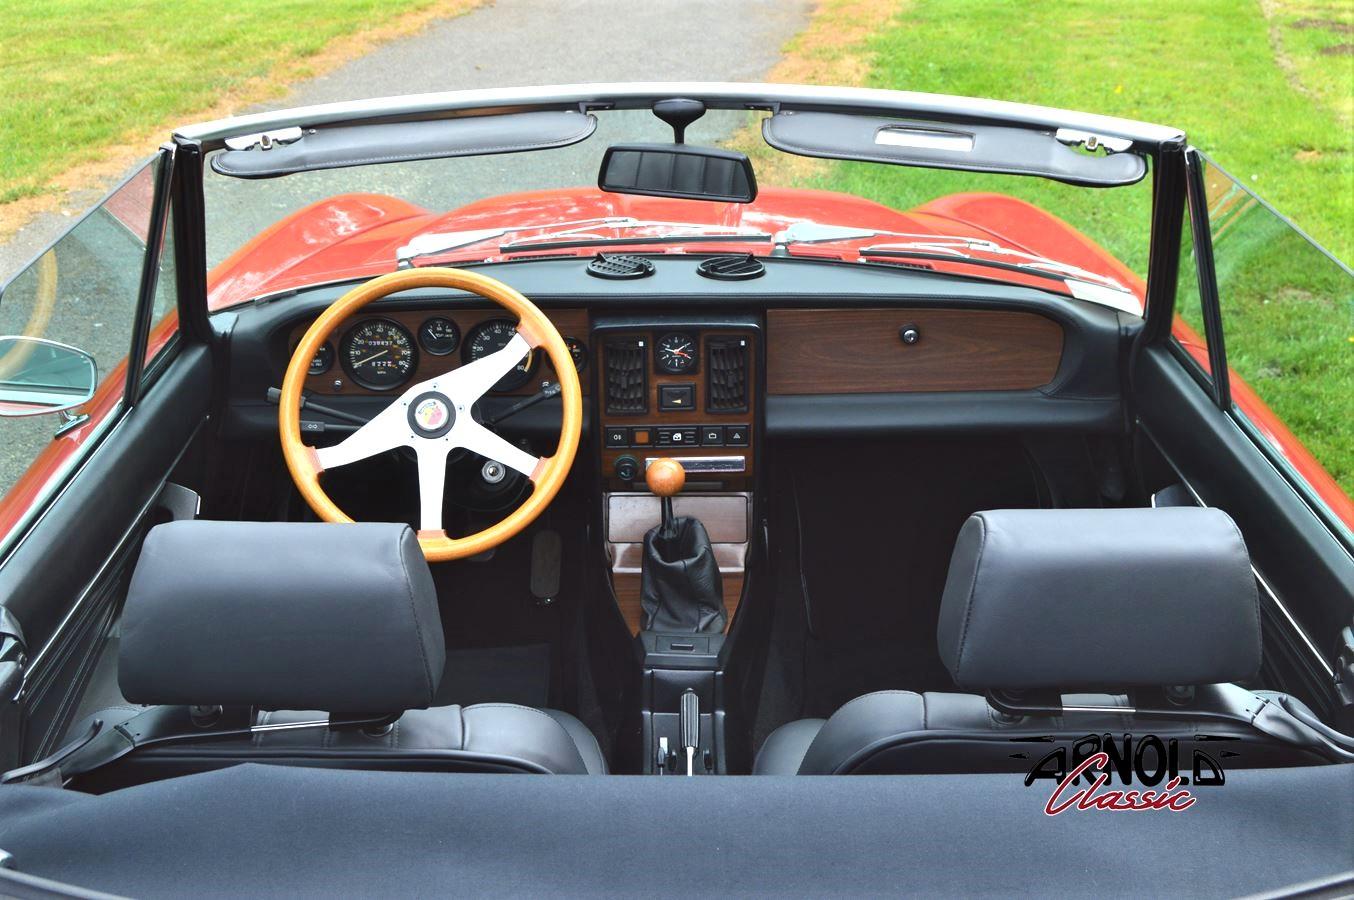 FIAT 124 Spider DS 1984 Oldtimer Pininfarina zum Kaufen - Arnold Classic